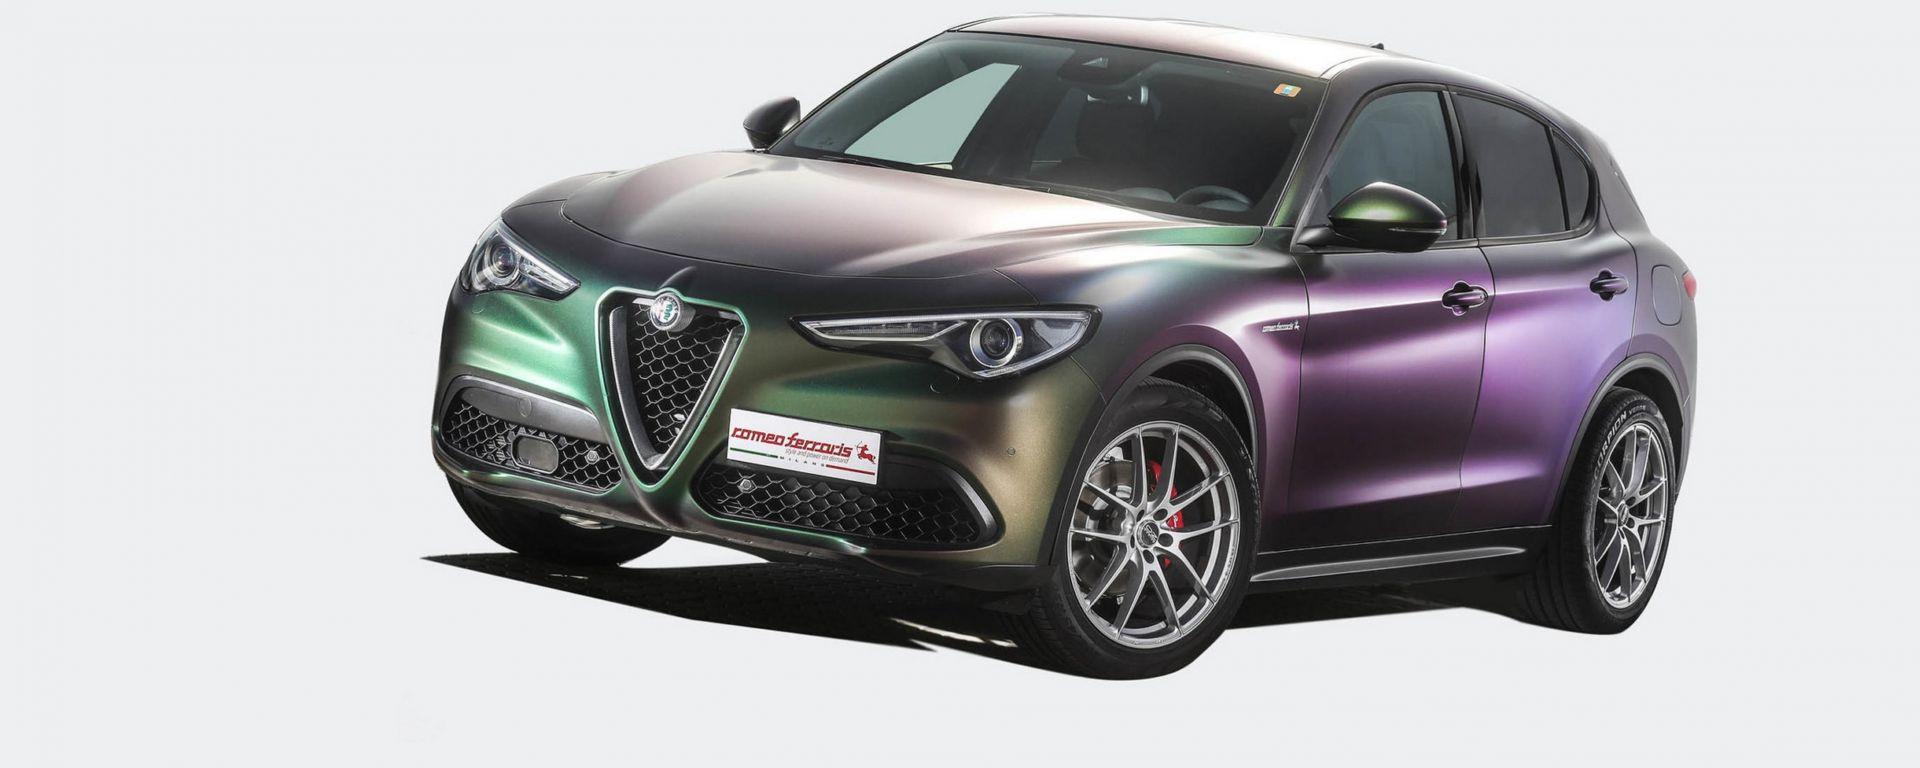 Alfa Romeo Stelvio Romeo Ferraris: più potente e performante